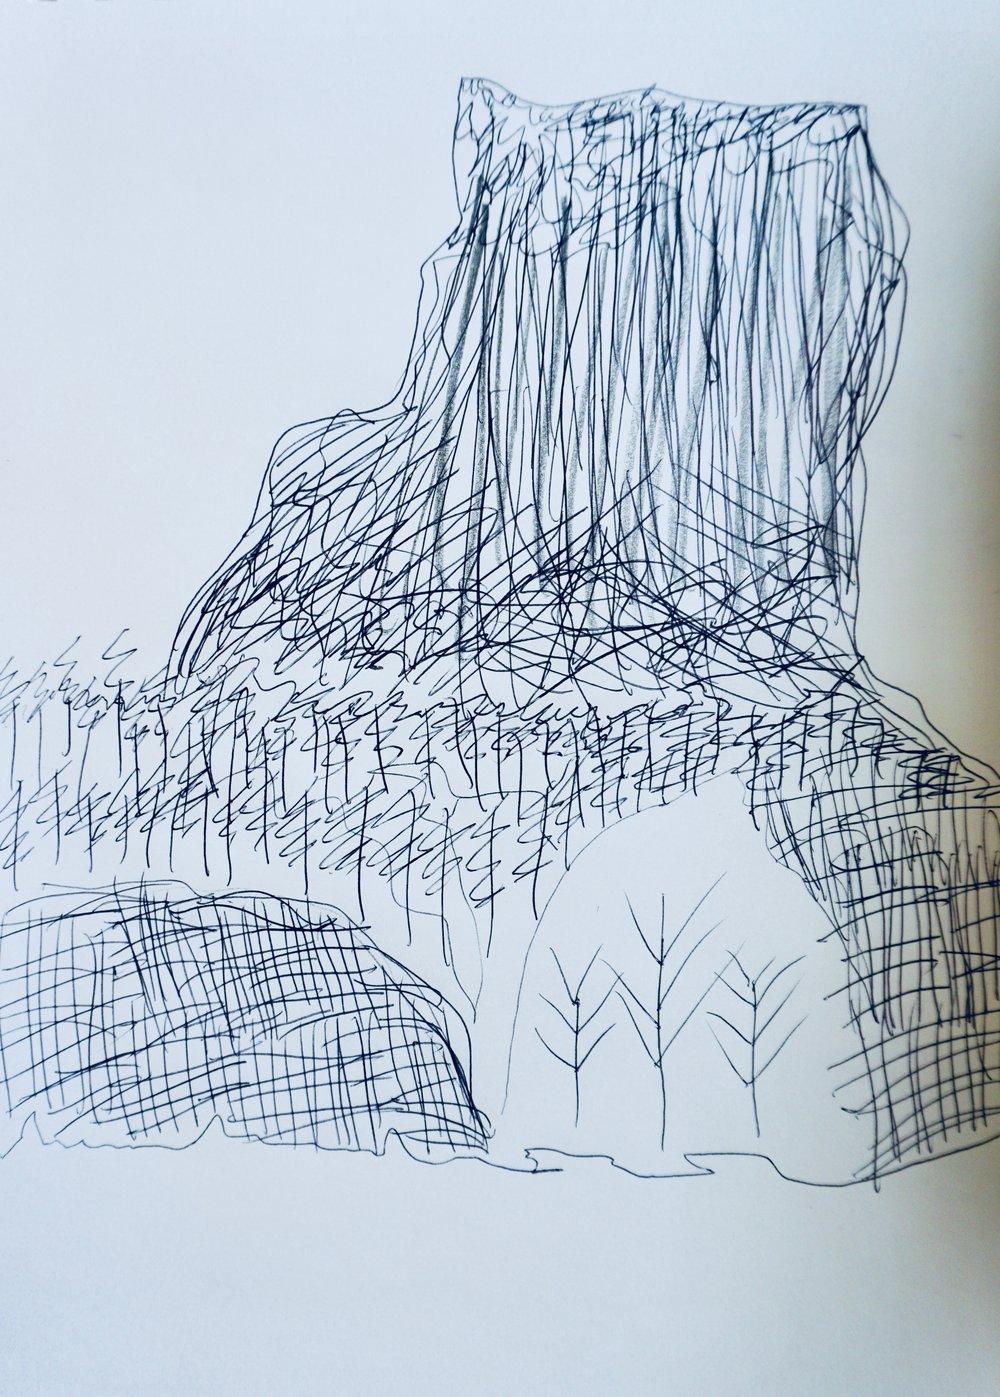 Landscape in Progress